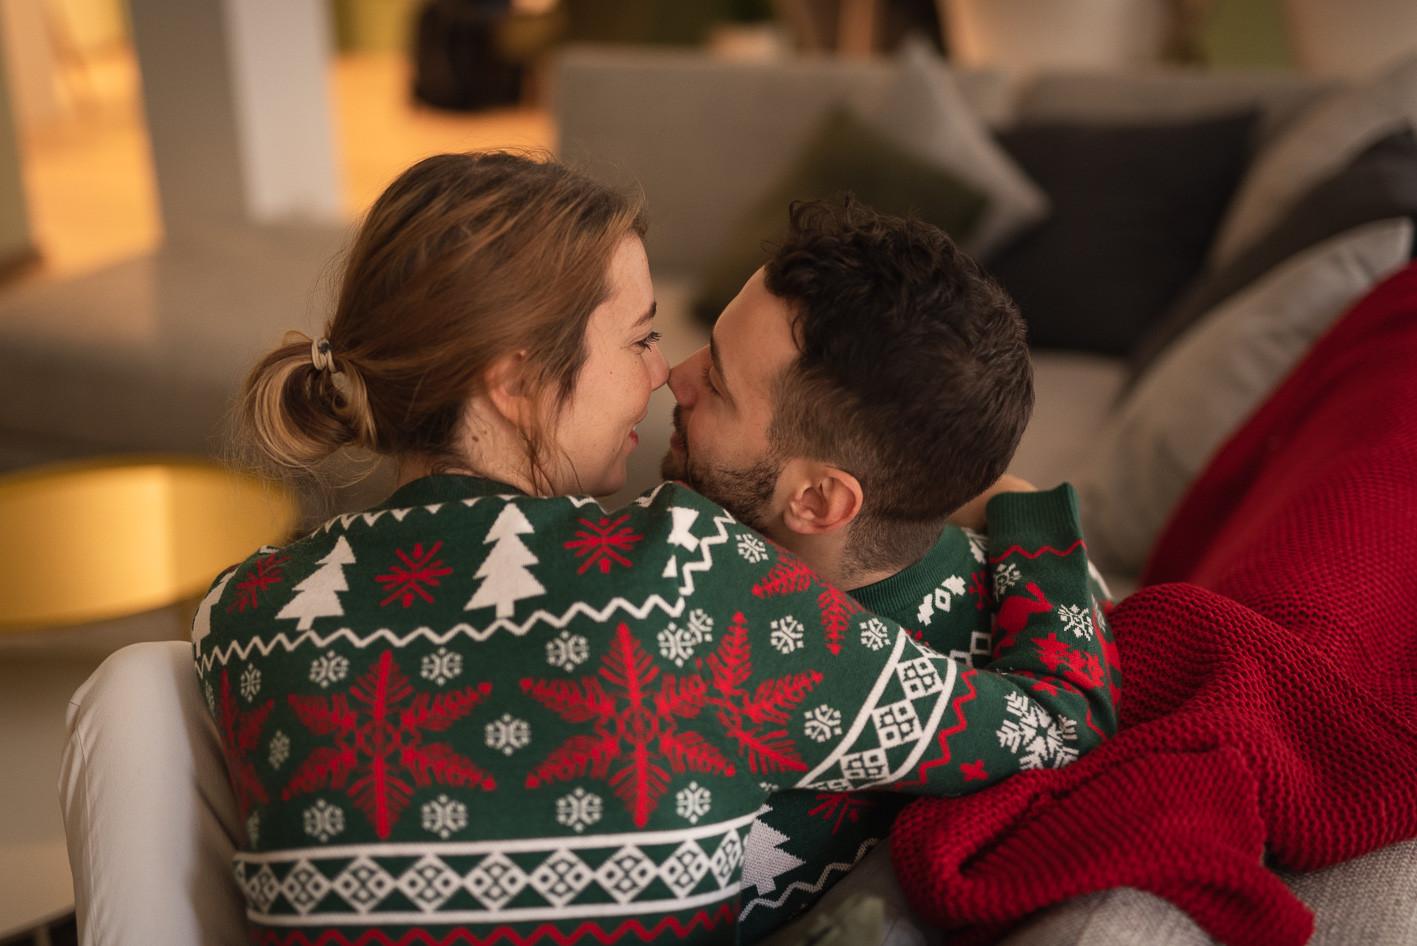 coppia che si bacia sul divano